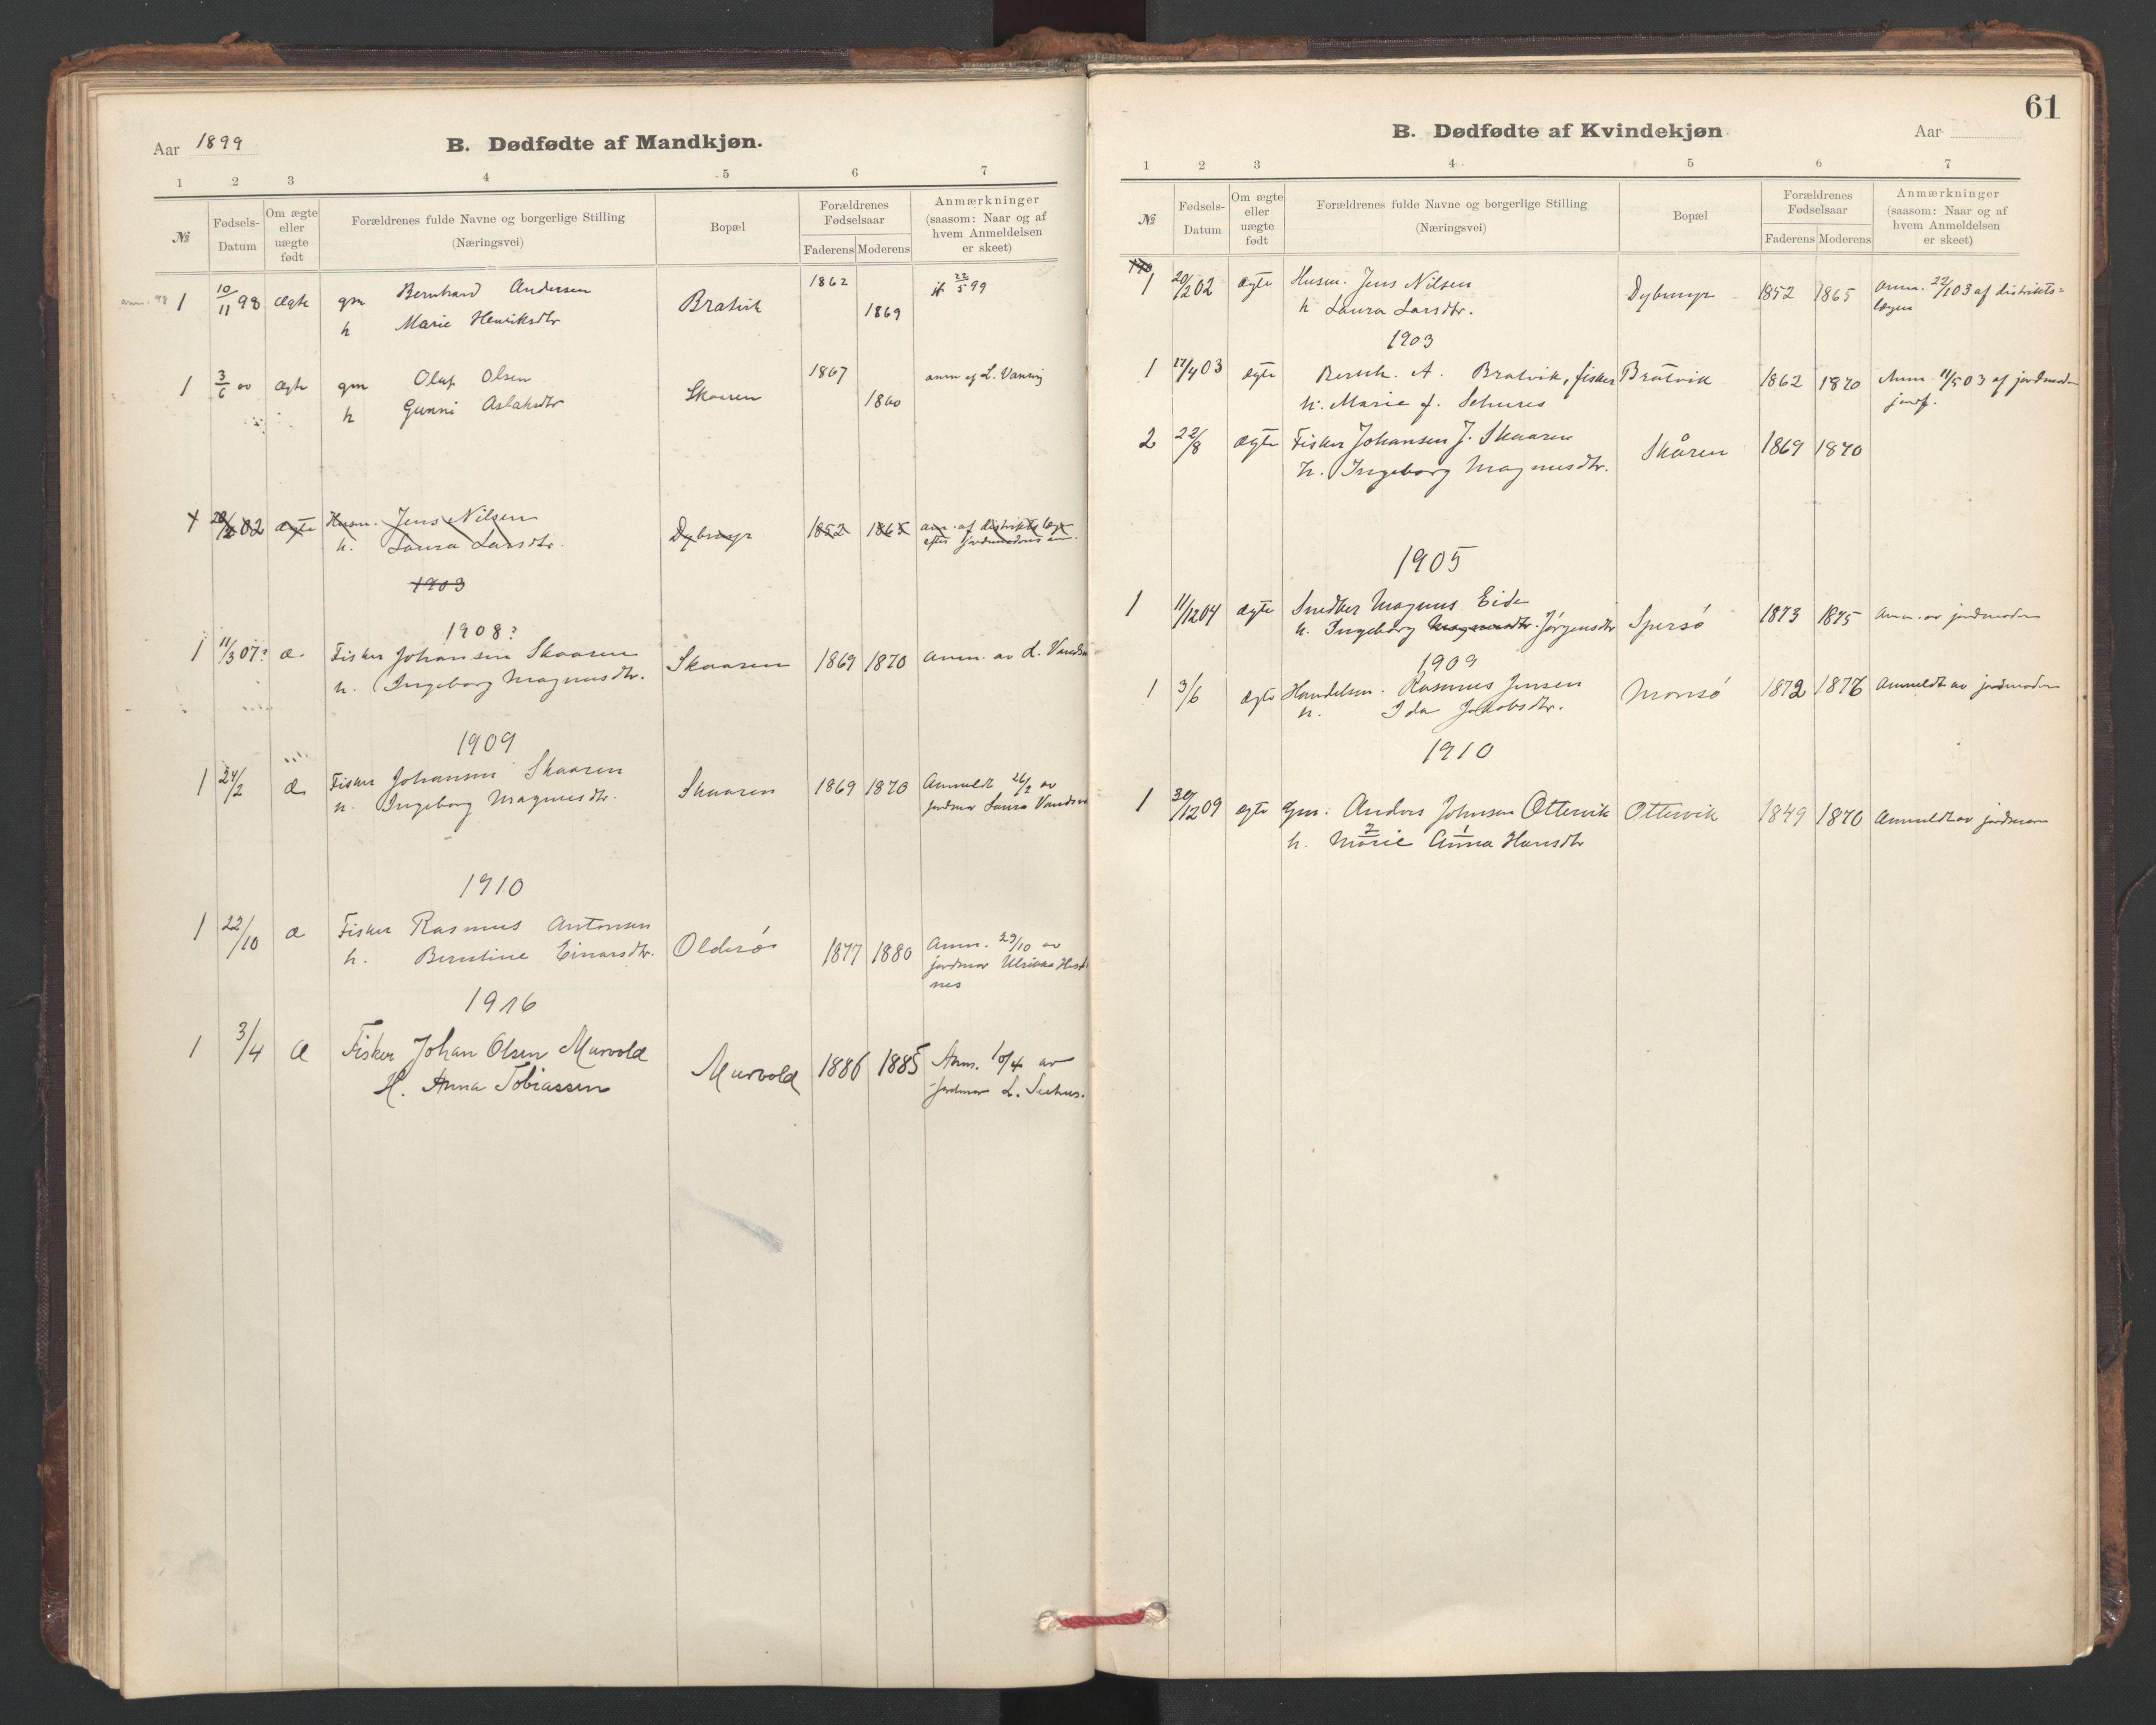 SAT, Ministerialprotokoller, klokkerbøker og fødselsregistre - Sør-Trøndelag, 635/L0552: Ministerialbok nr. 635A02, 1899-1919, s. 61